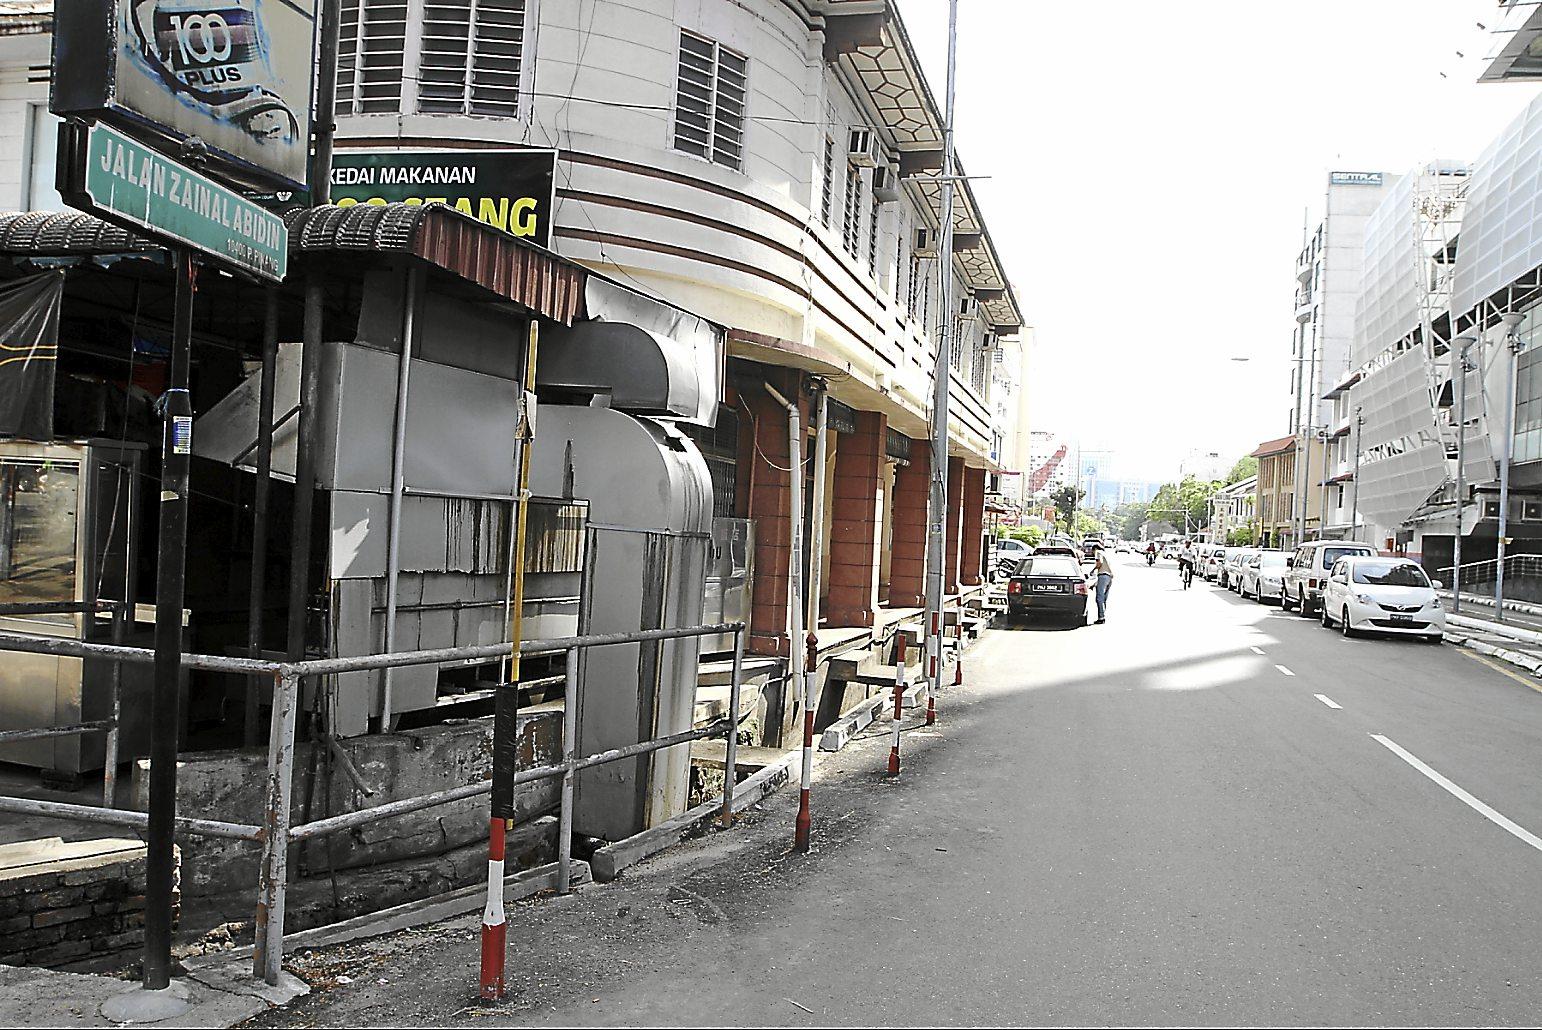 Brief caption: Jalan Zainal Abidin in Penang. (Charles Mariasoosay - 02/07/2013)